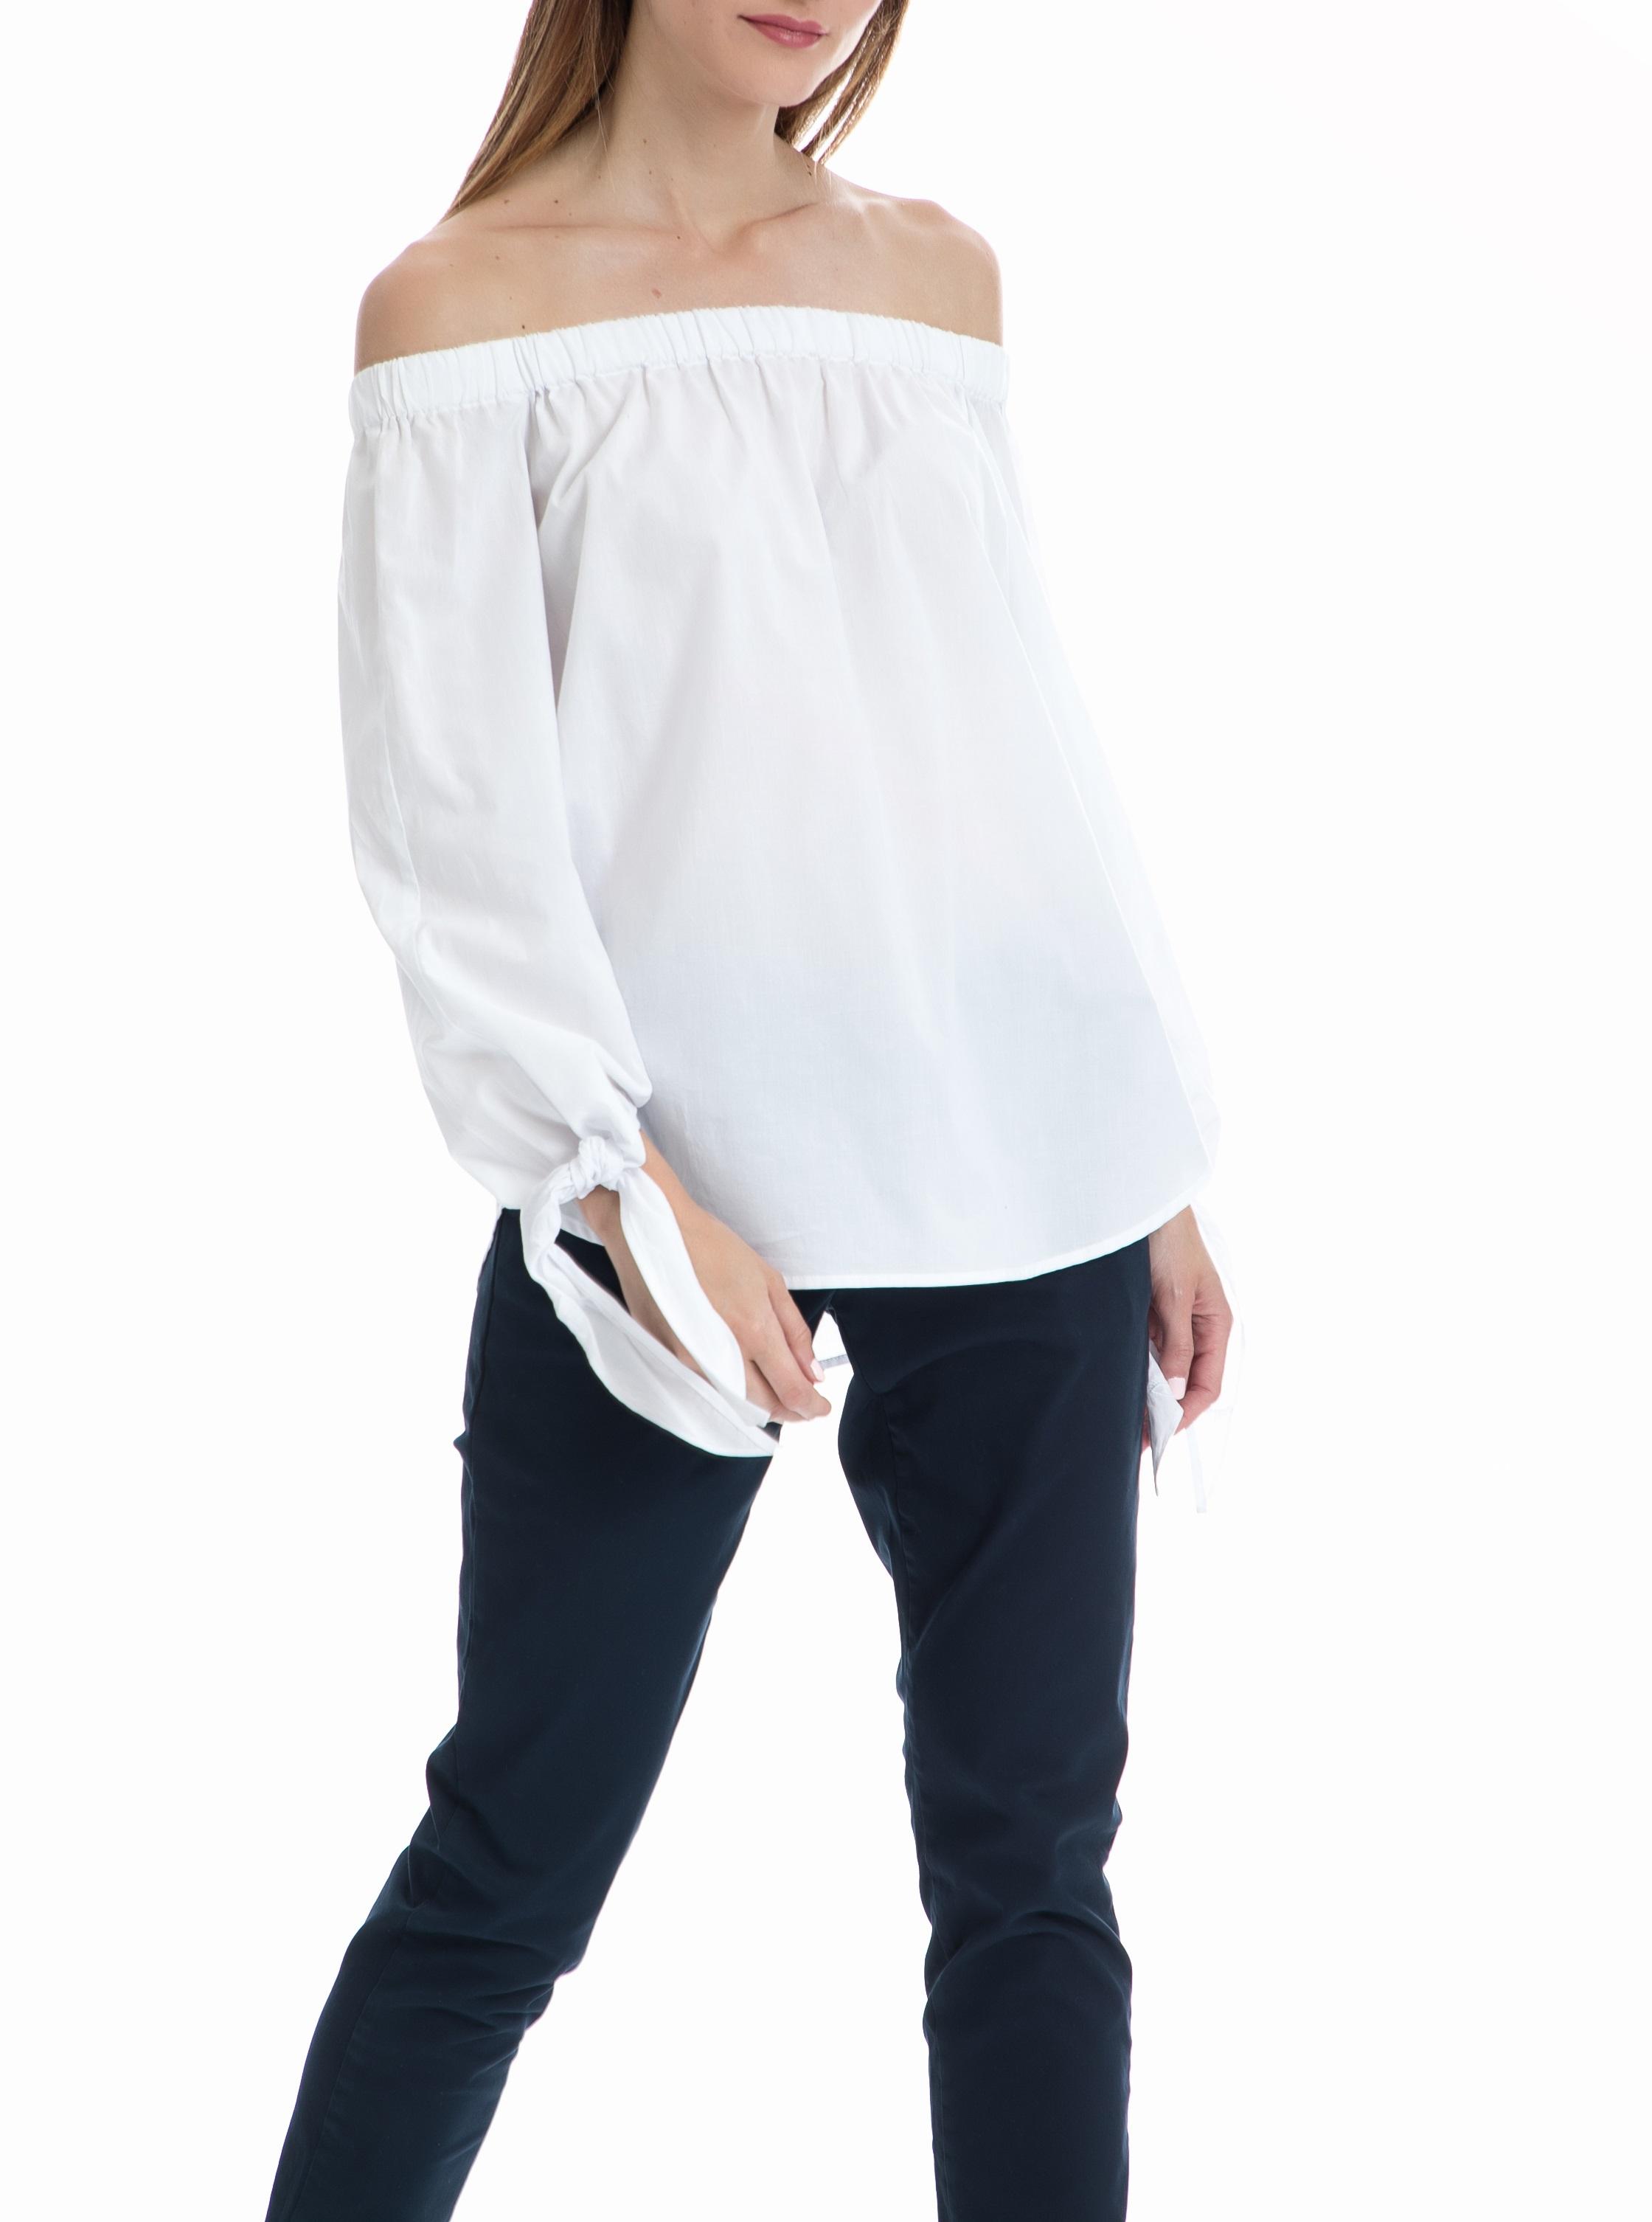 SCOTCH & SODA - Μπλούζα Off the shoulder MAISON SCOTCH λευκή γυναικεία ρούχα μπλούζες τοπ